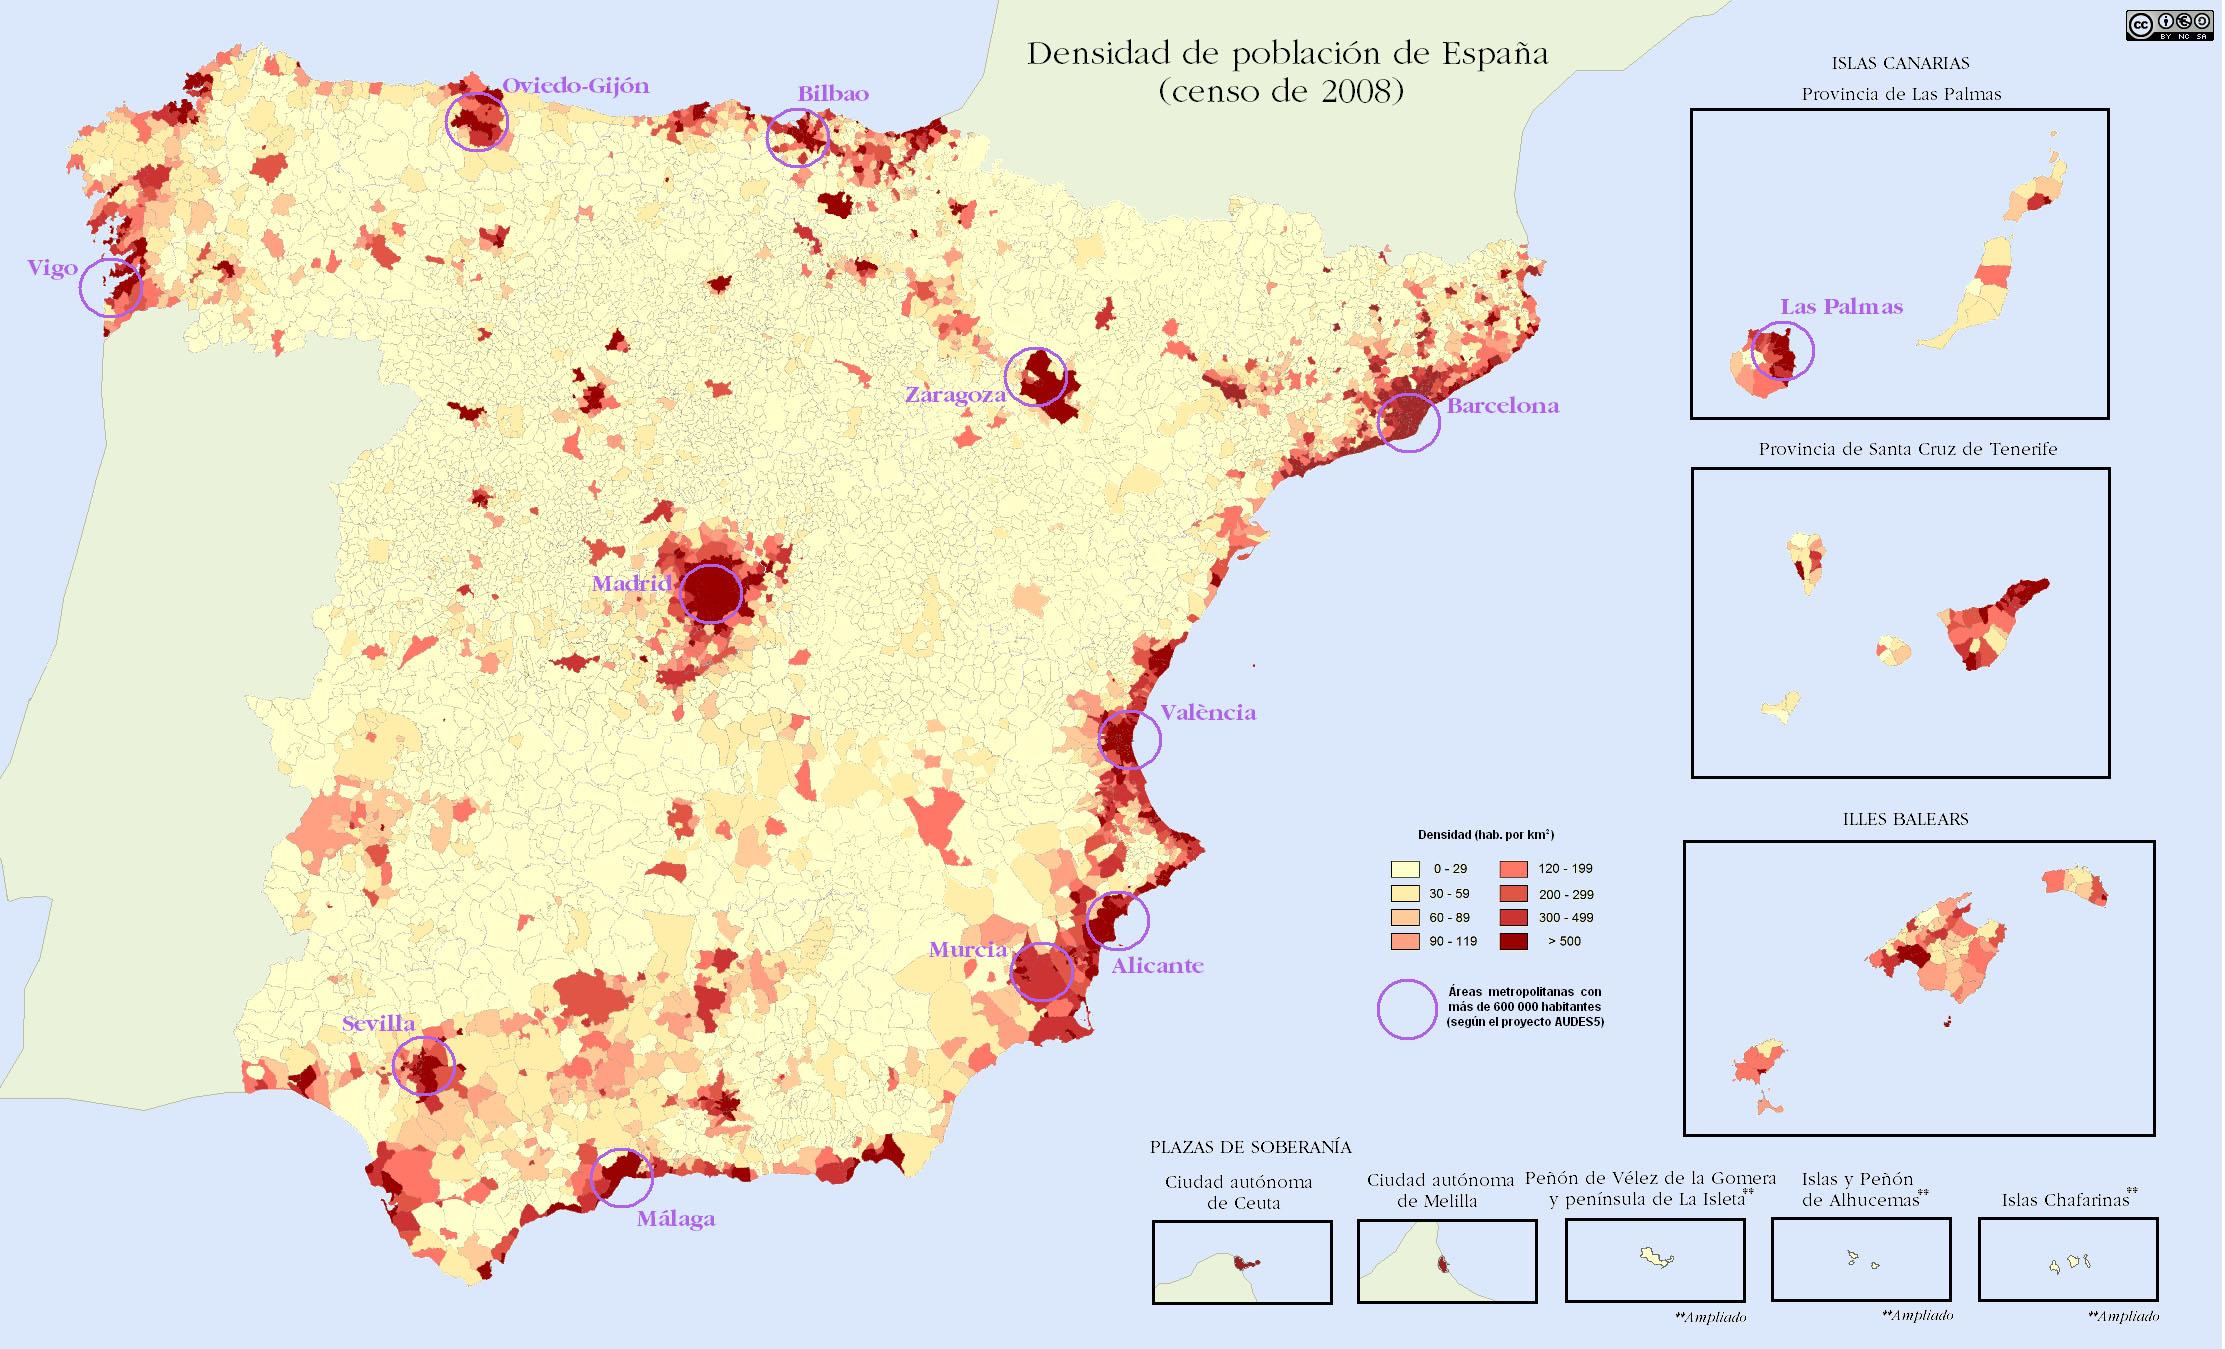 Densidad de poblaci n en espa a 2009 tama o completo - Graficas madrid palma ...